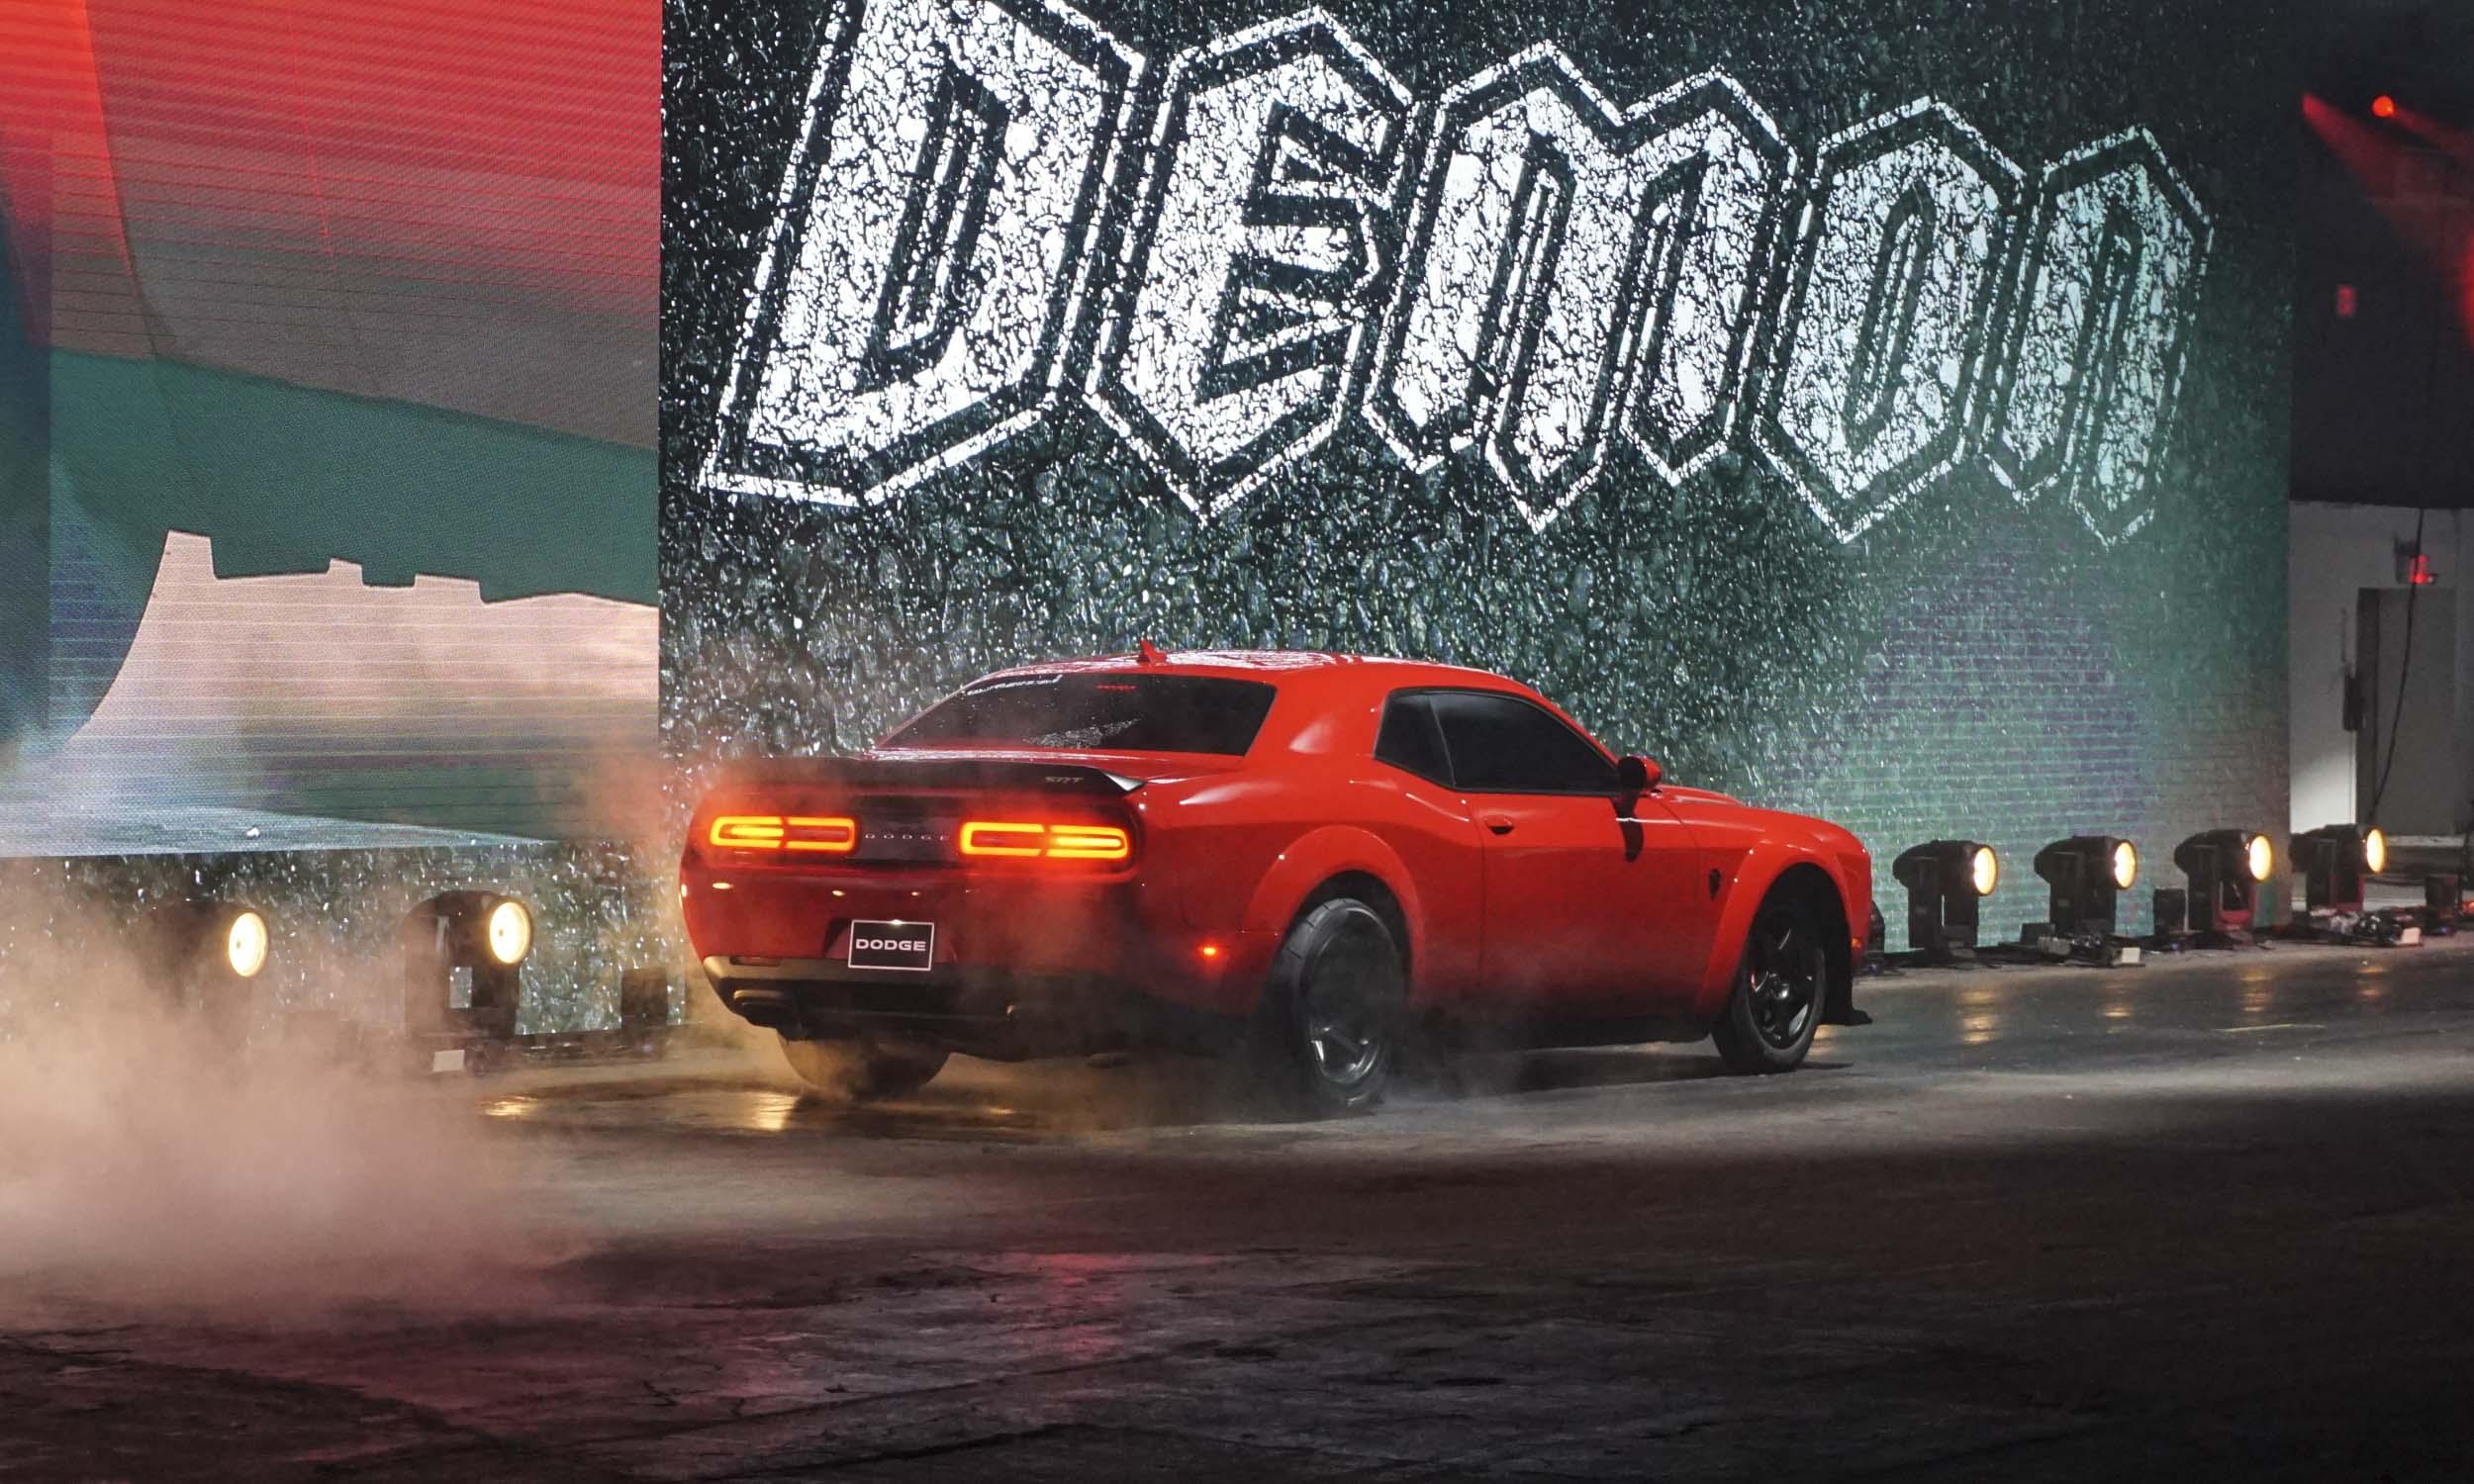 New York Auto Show Dodge Challenger SRT Demon AutoNXT - Dodge car show 2018